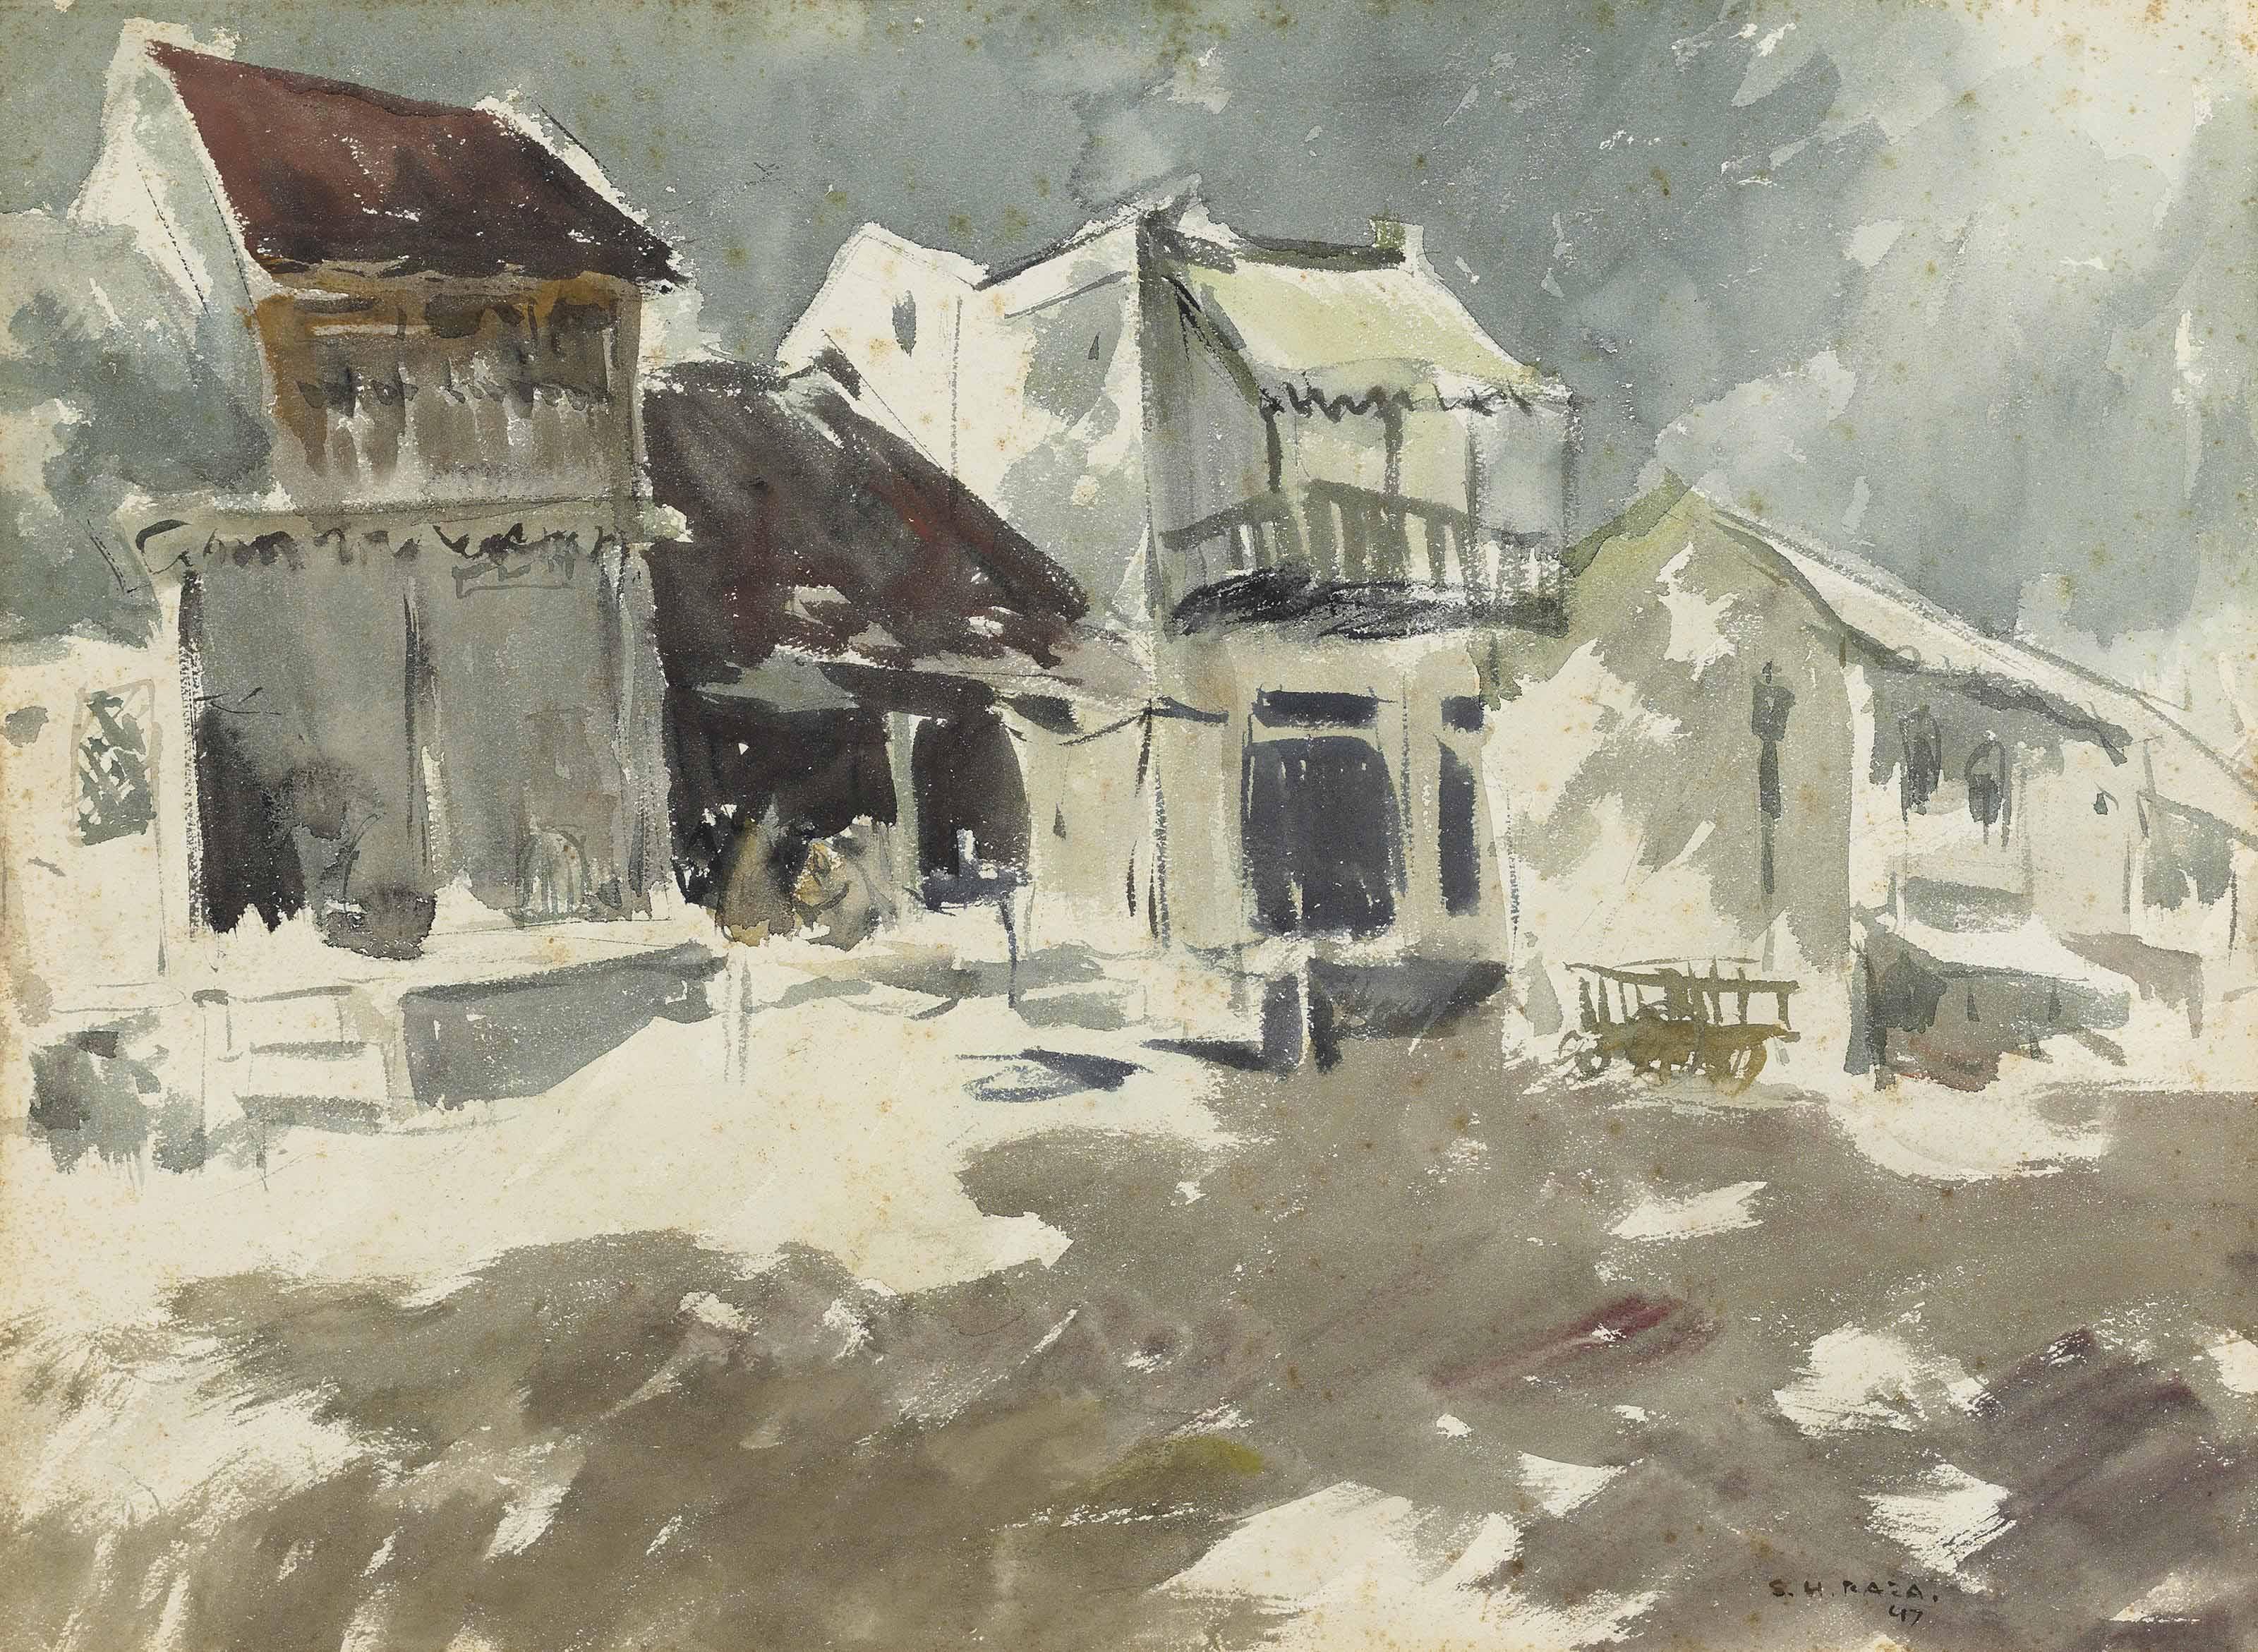 JAMINI PRAKASH GANGOOLY (1876-